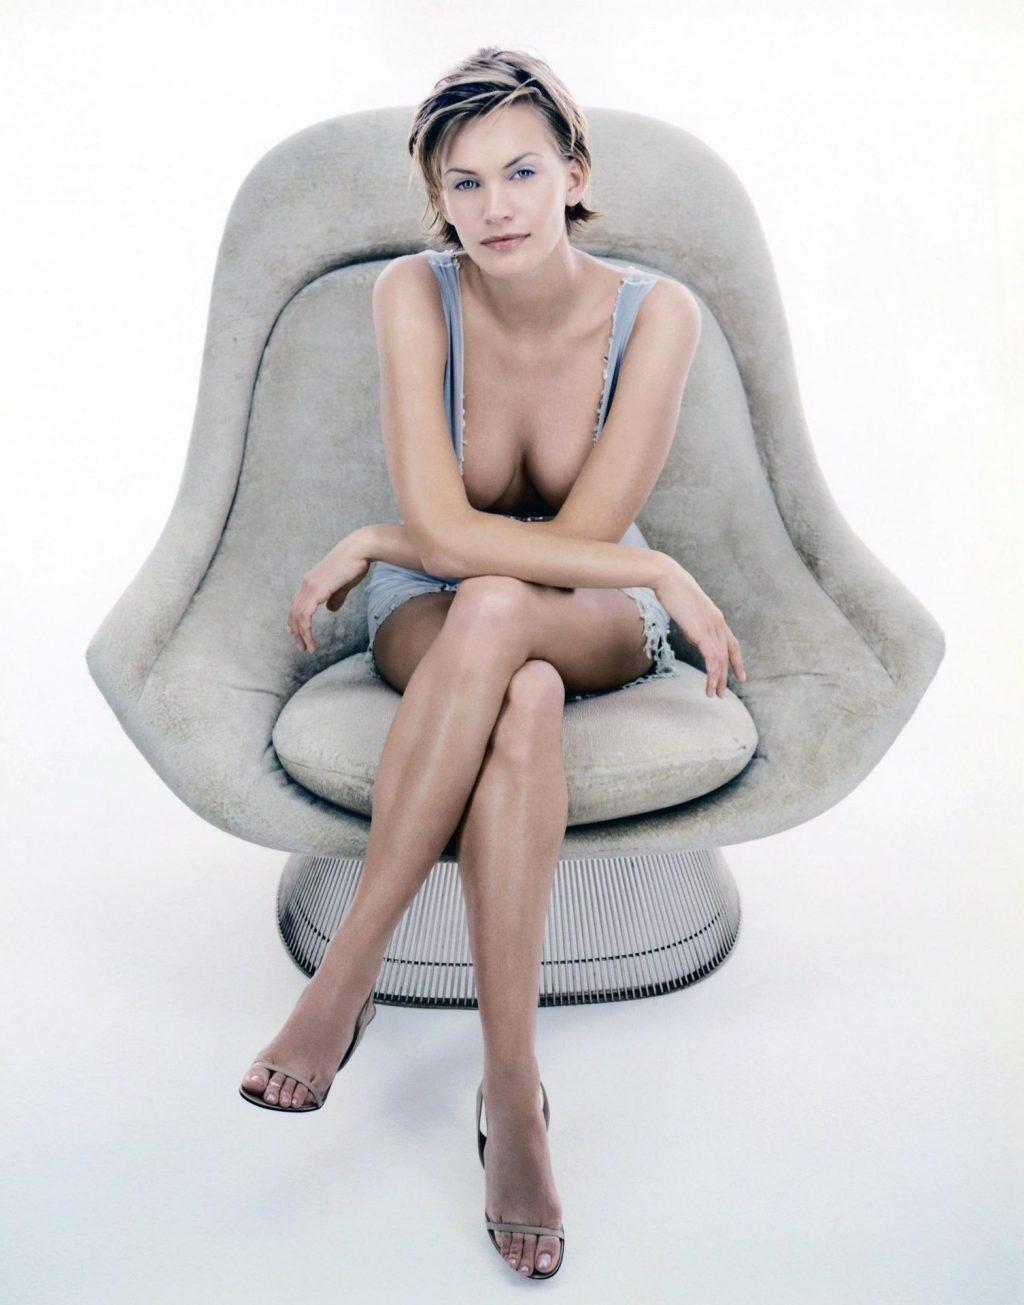 Natasha Henstridge NUDE & Sexy Collection – Part 1 (156 Photos + Videos)